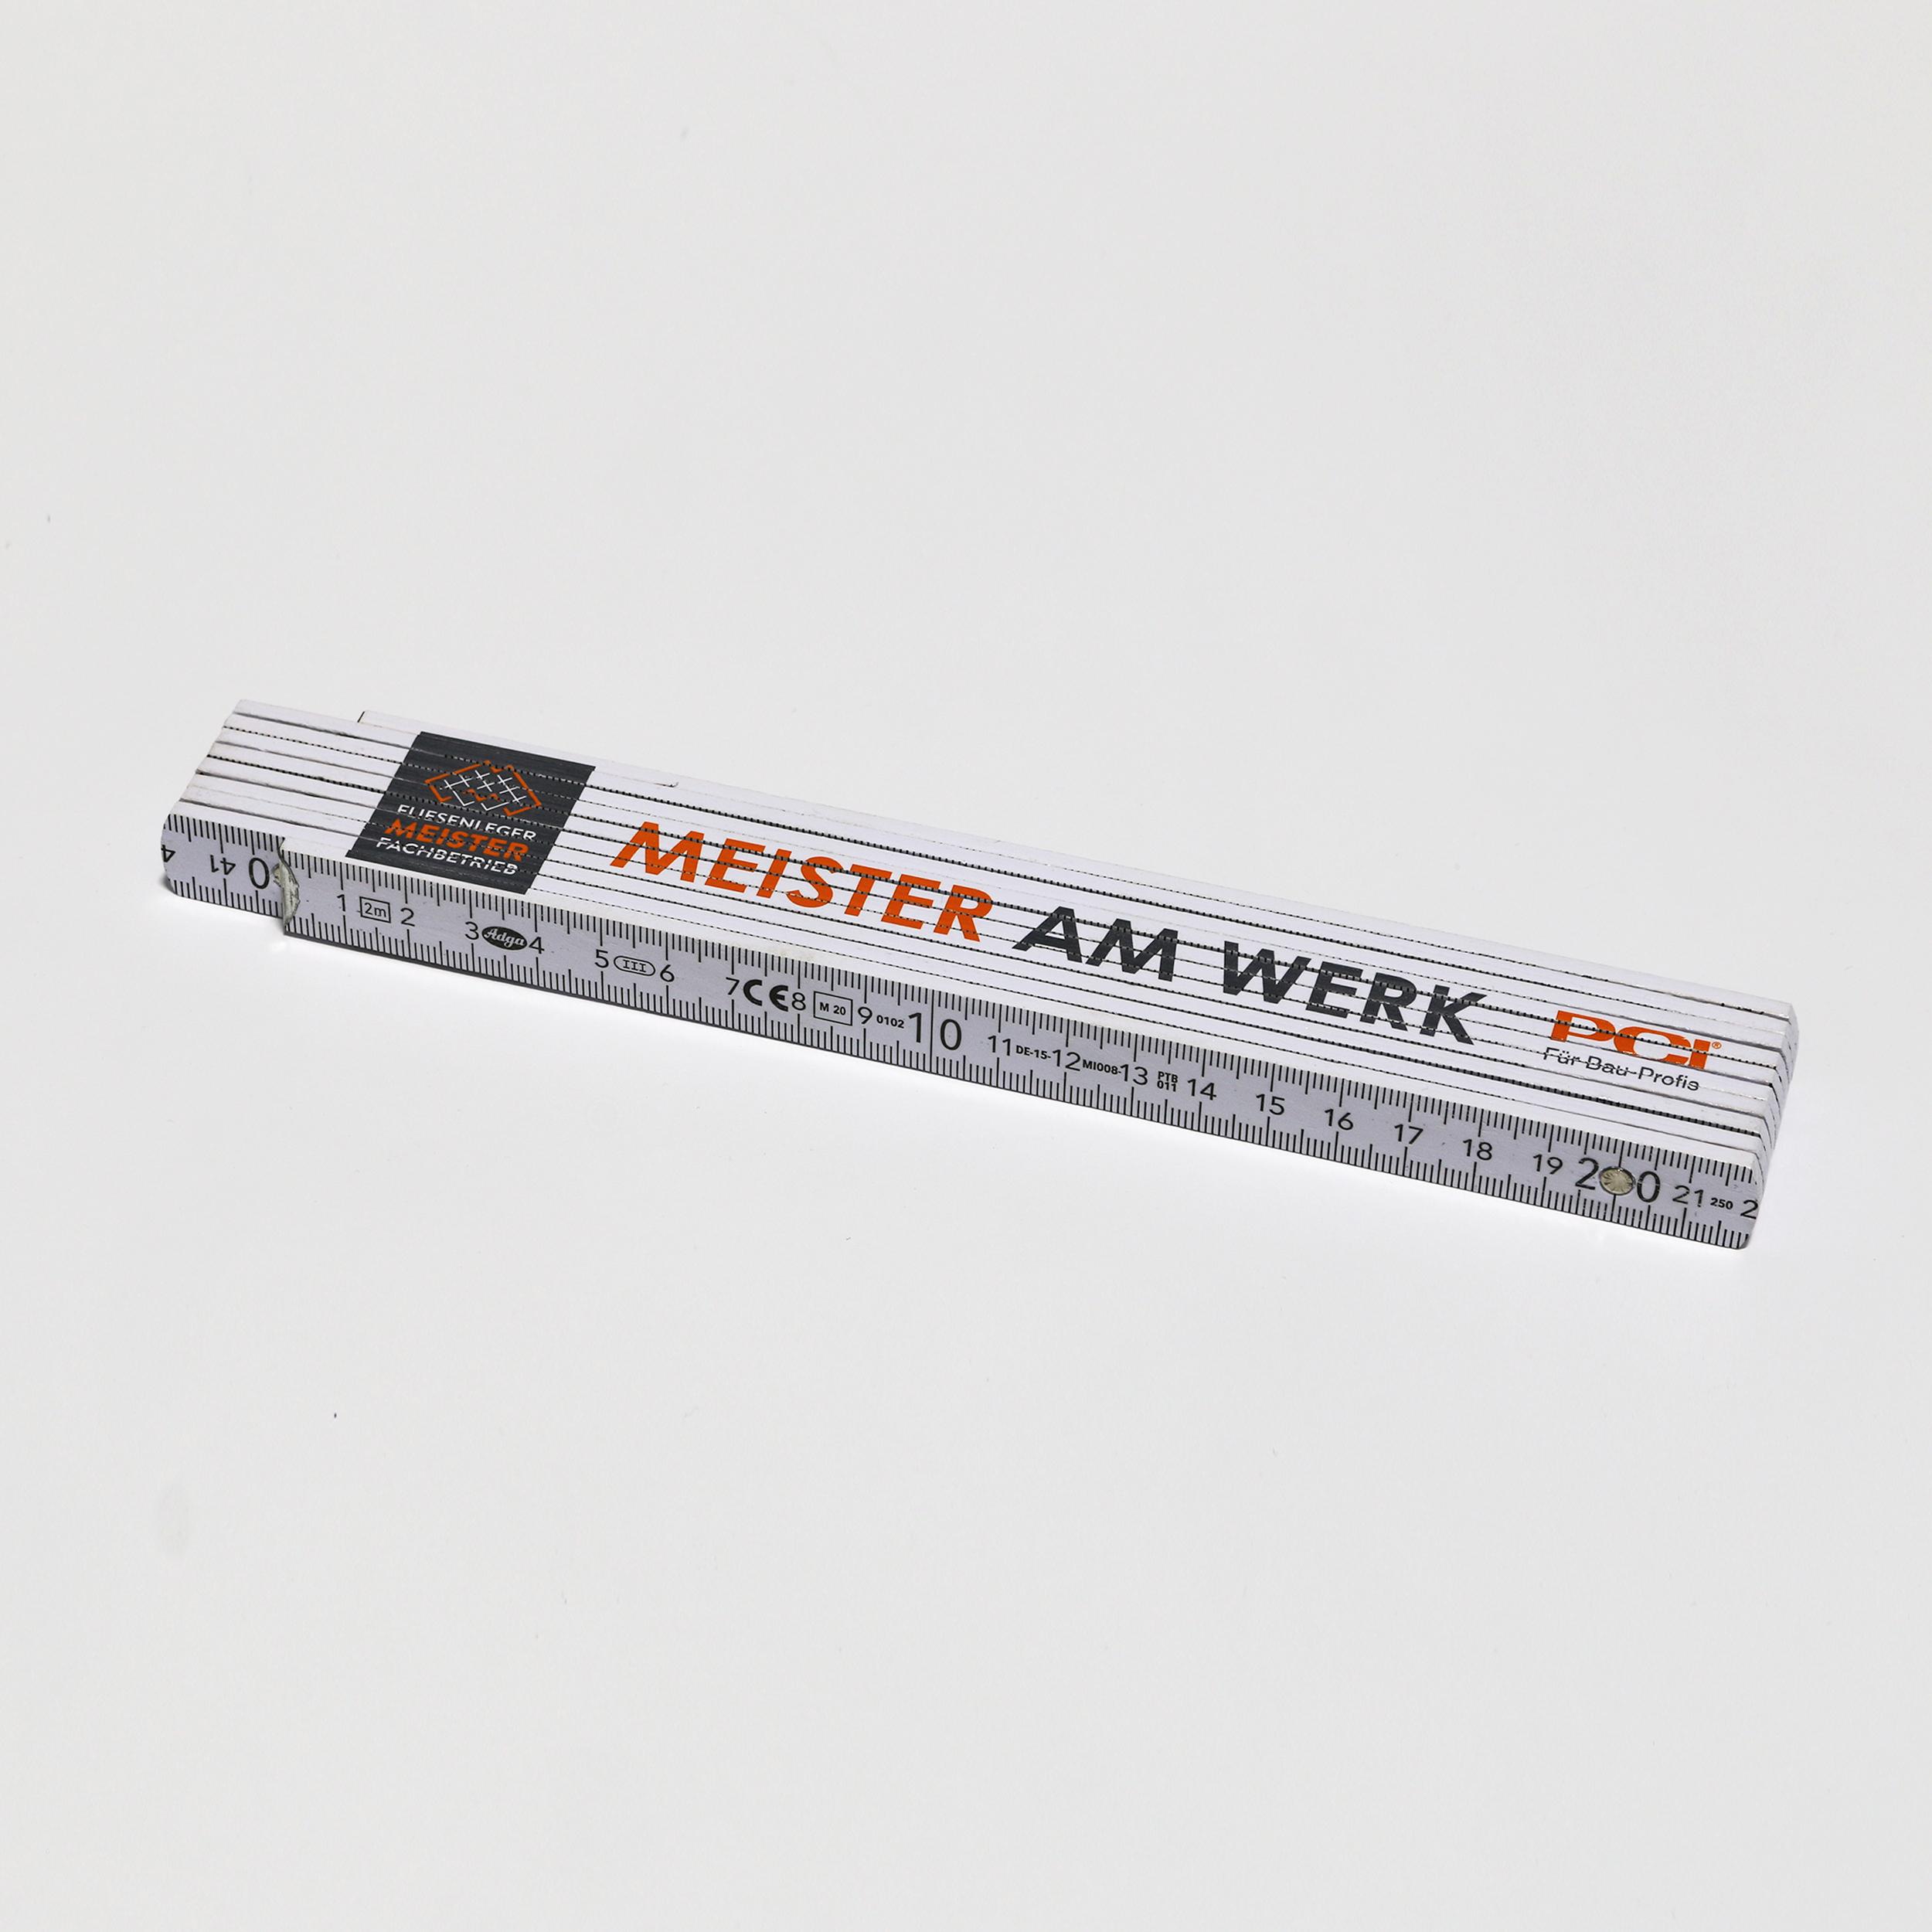 Meister-Maßstab von ADGA, 90°-Raster